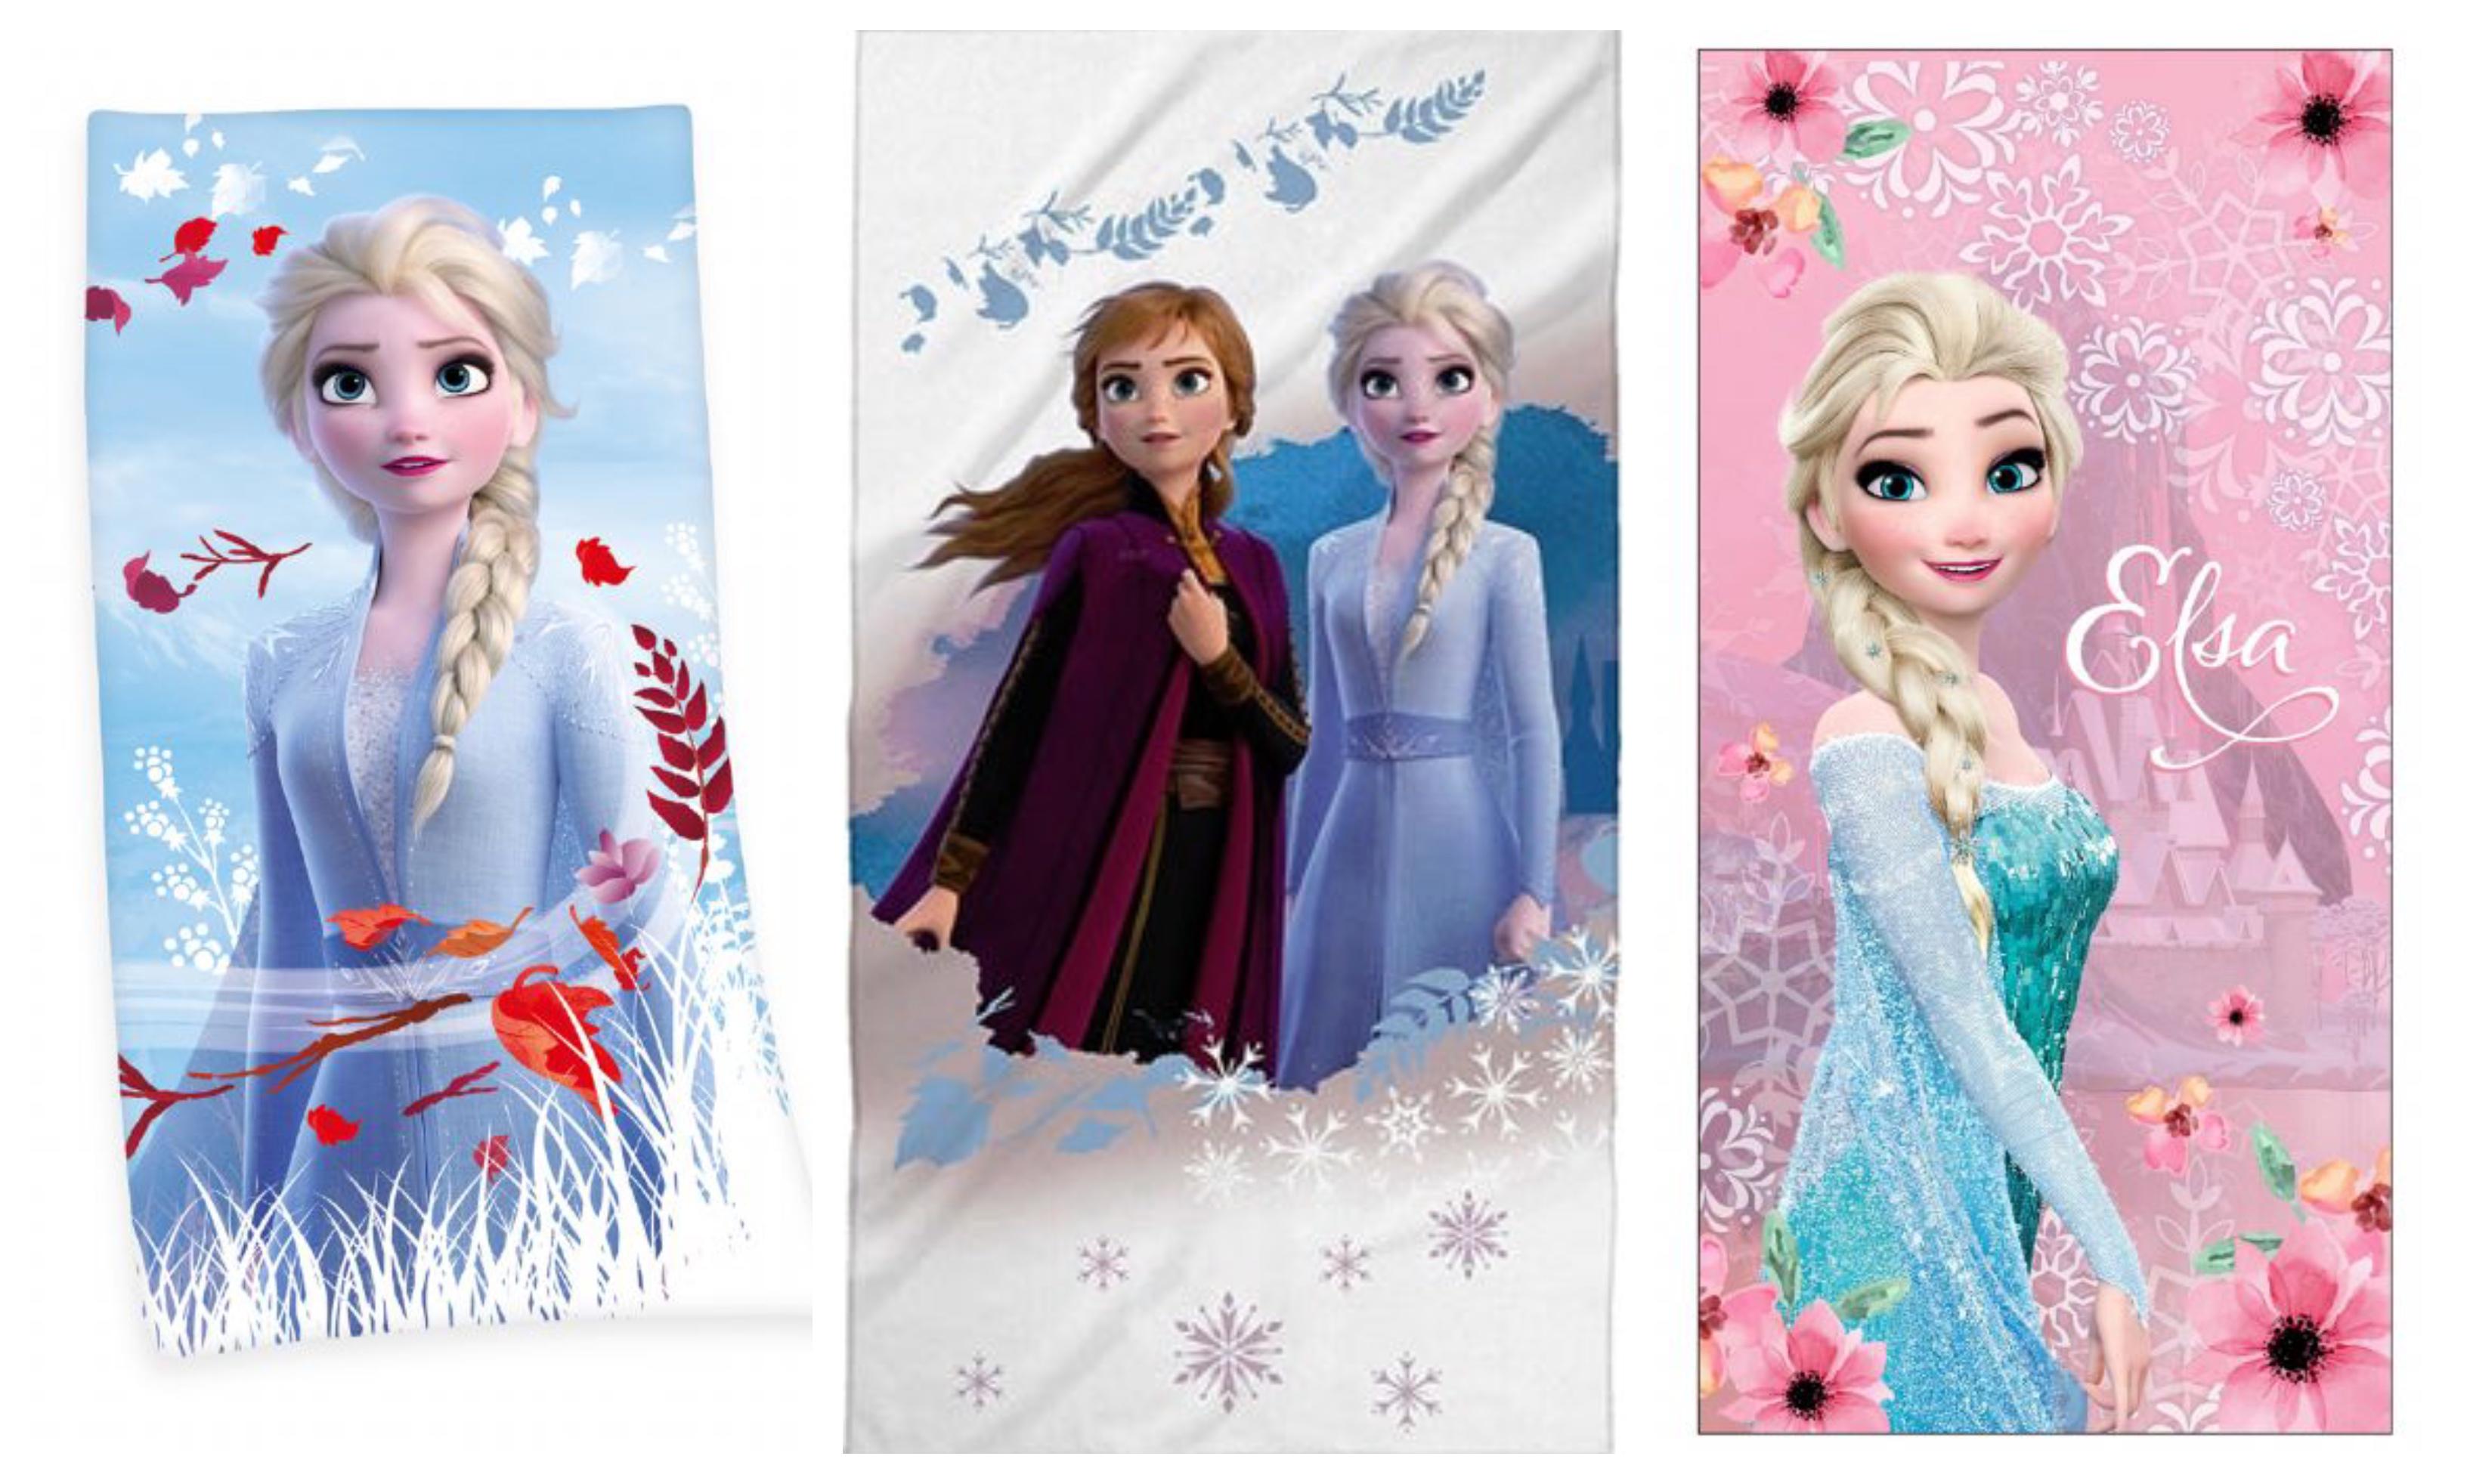 Frost badehåndklæde - Frost badehåndklæde til din Frost prinsesse